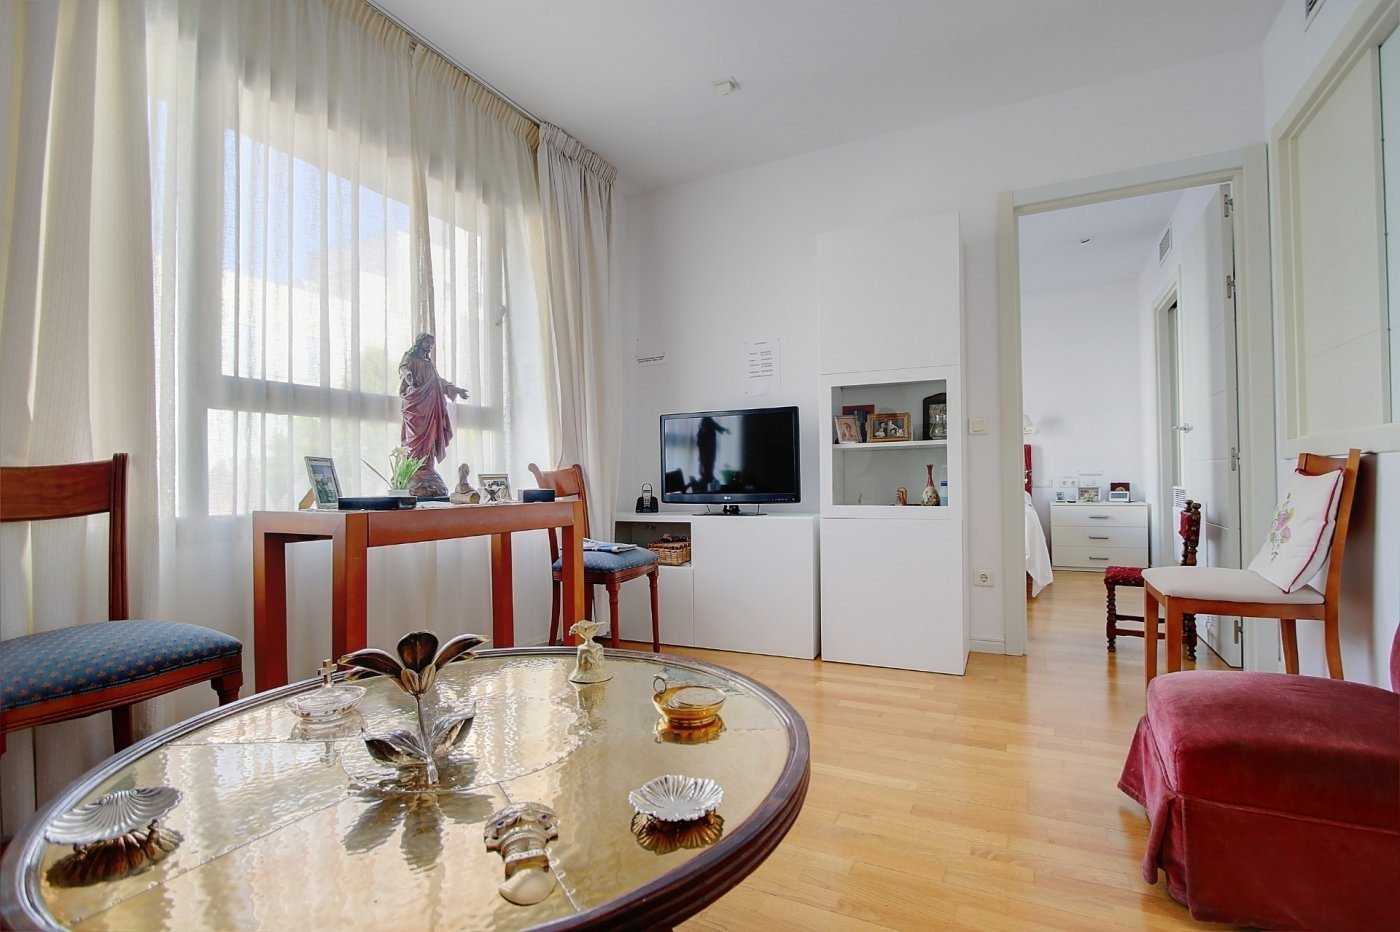 Apartamento en venta las arcadias - general riera. - imagenInmueble1